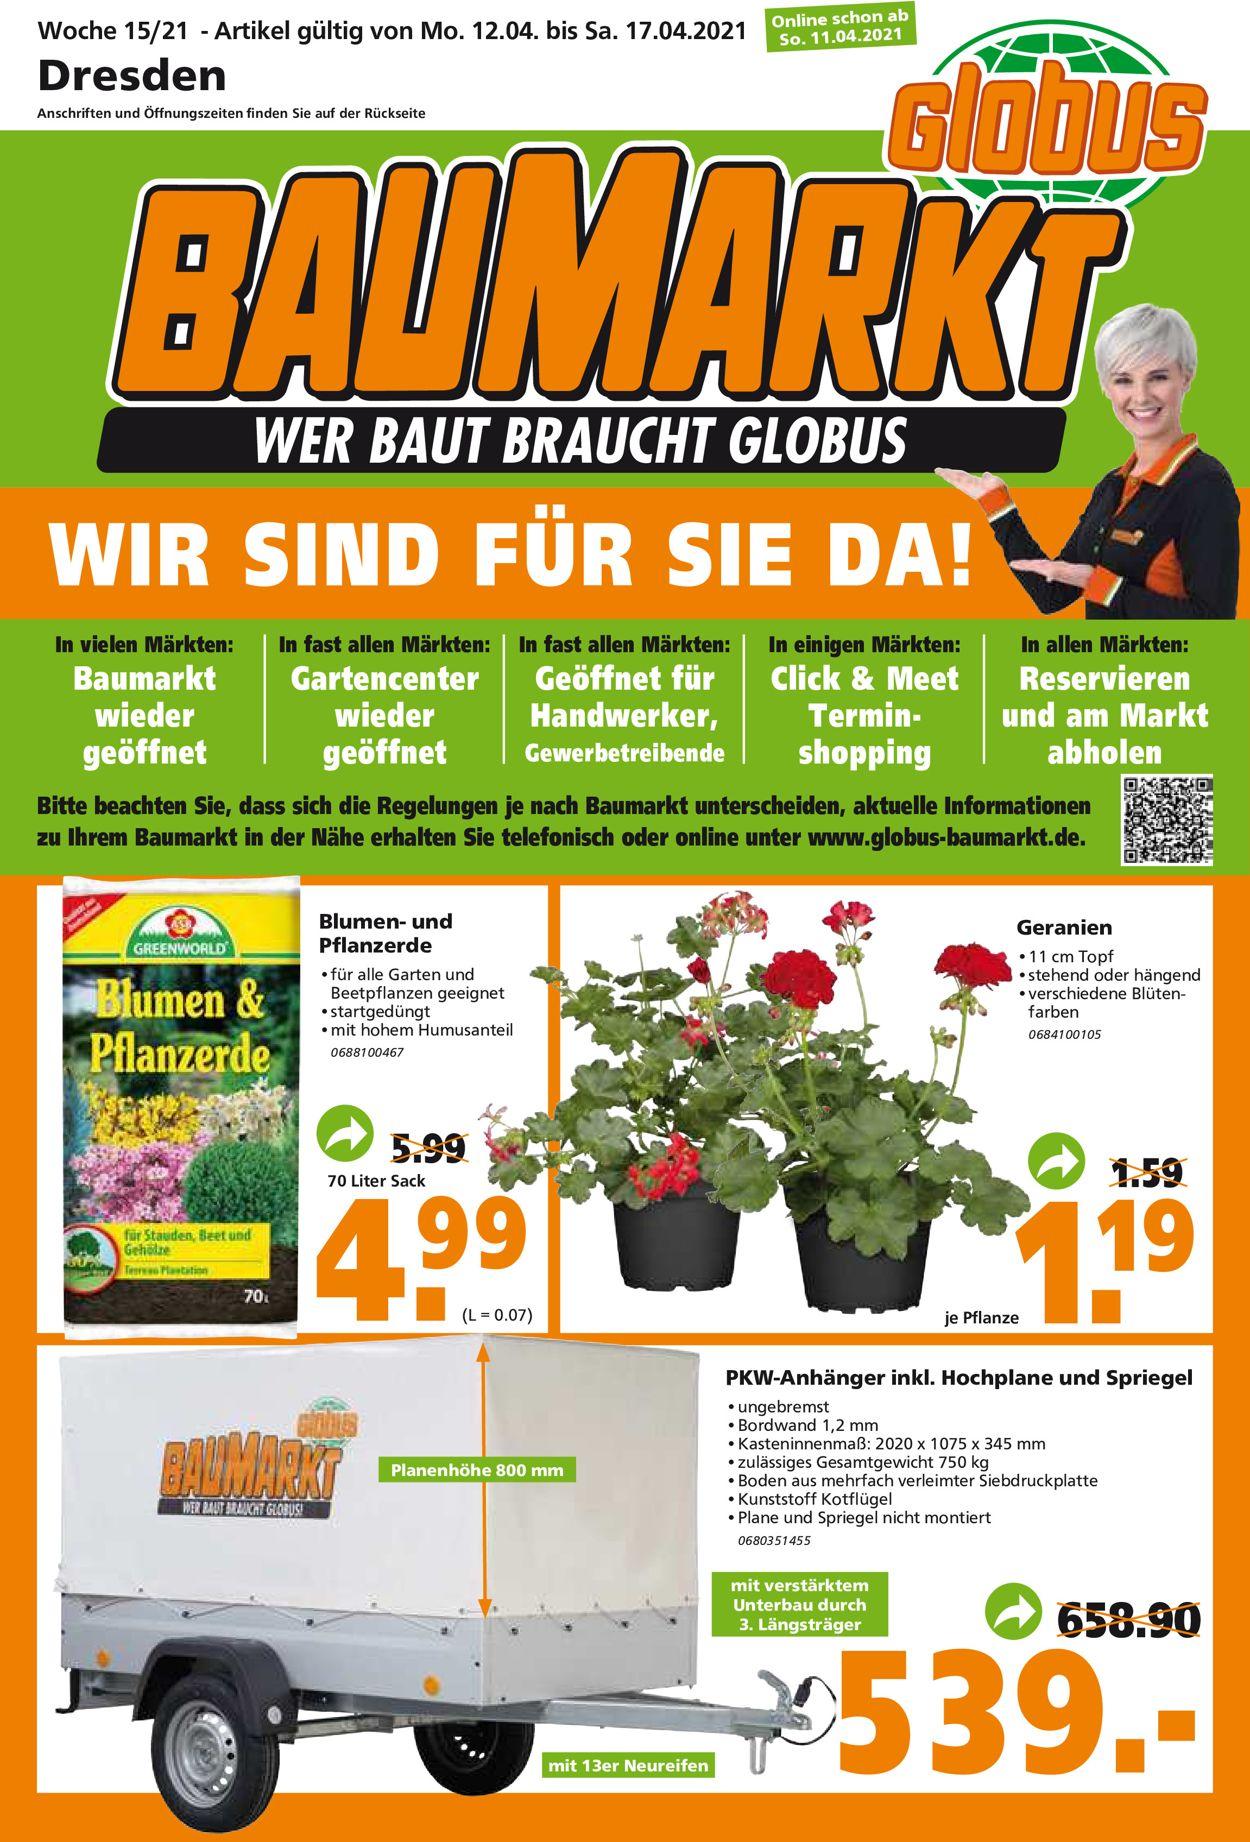 Globus Baumarkt Prospekt - Aktuell vom 12.04-17.04.2021